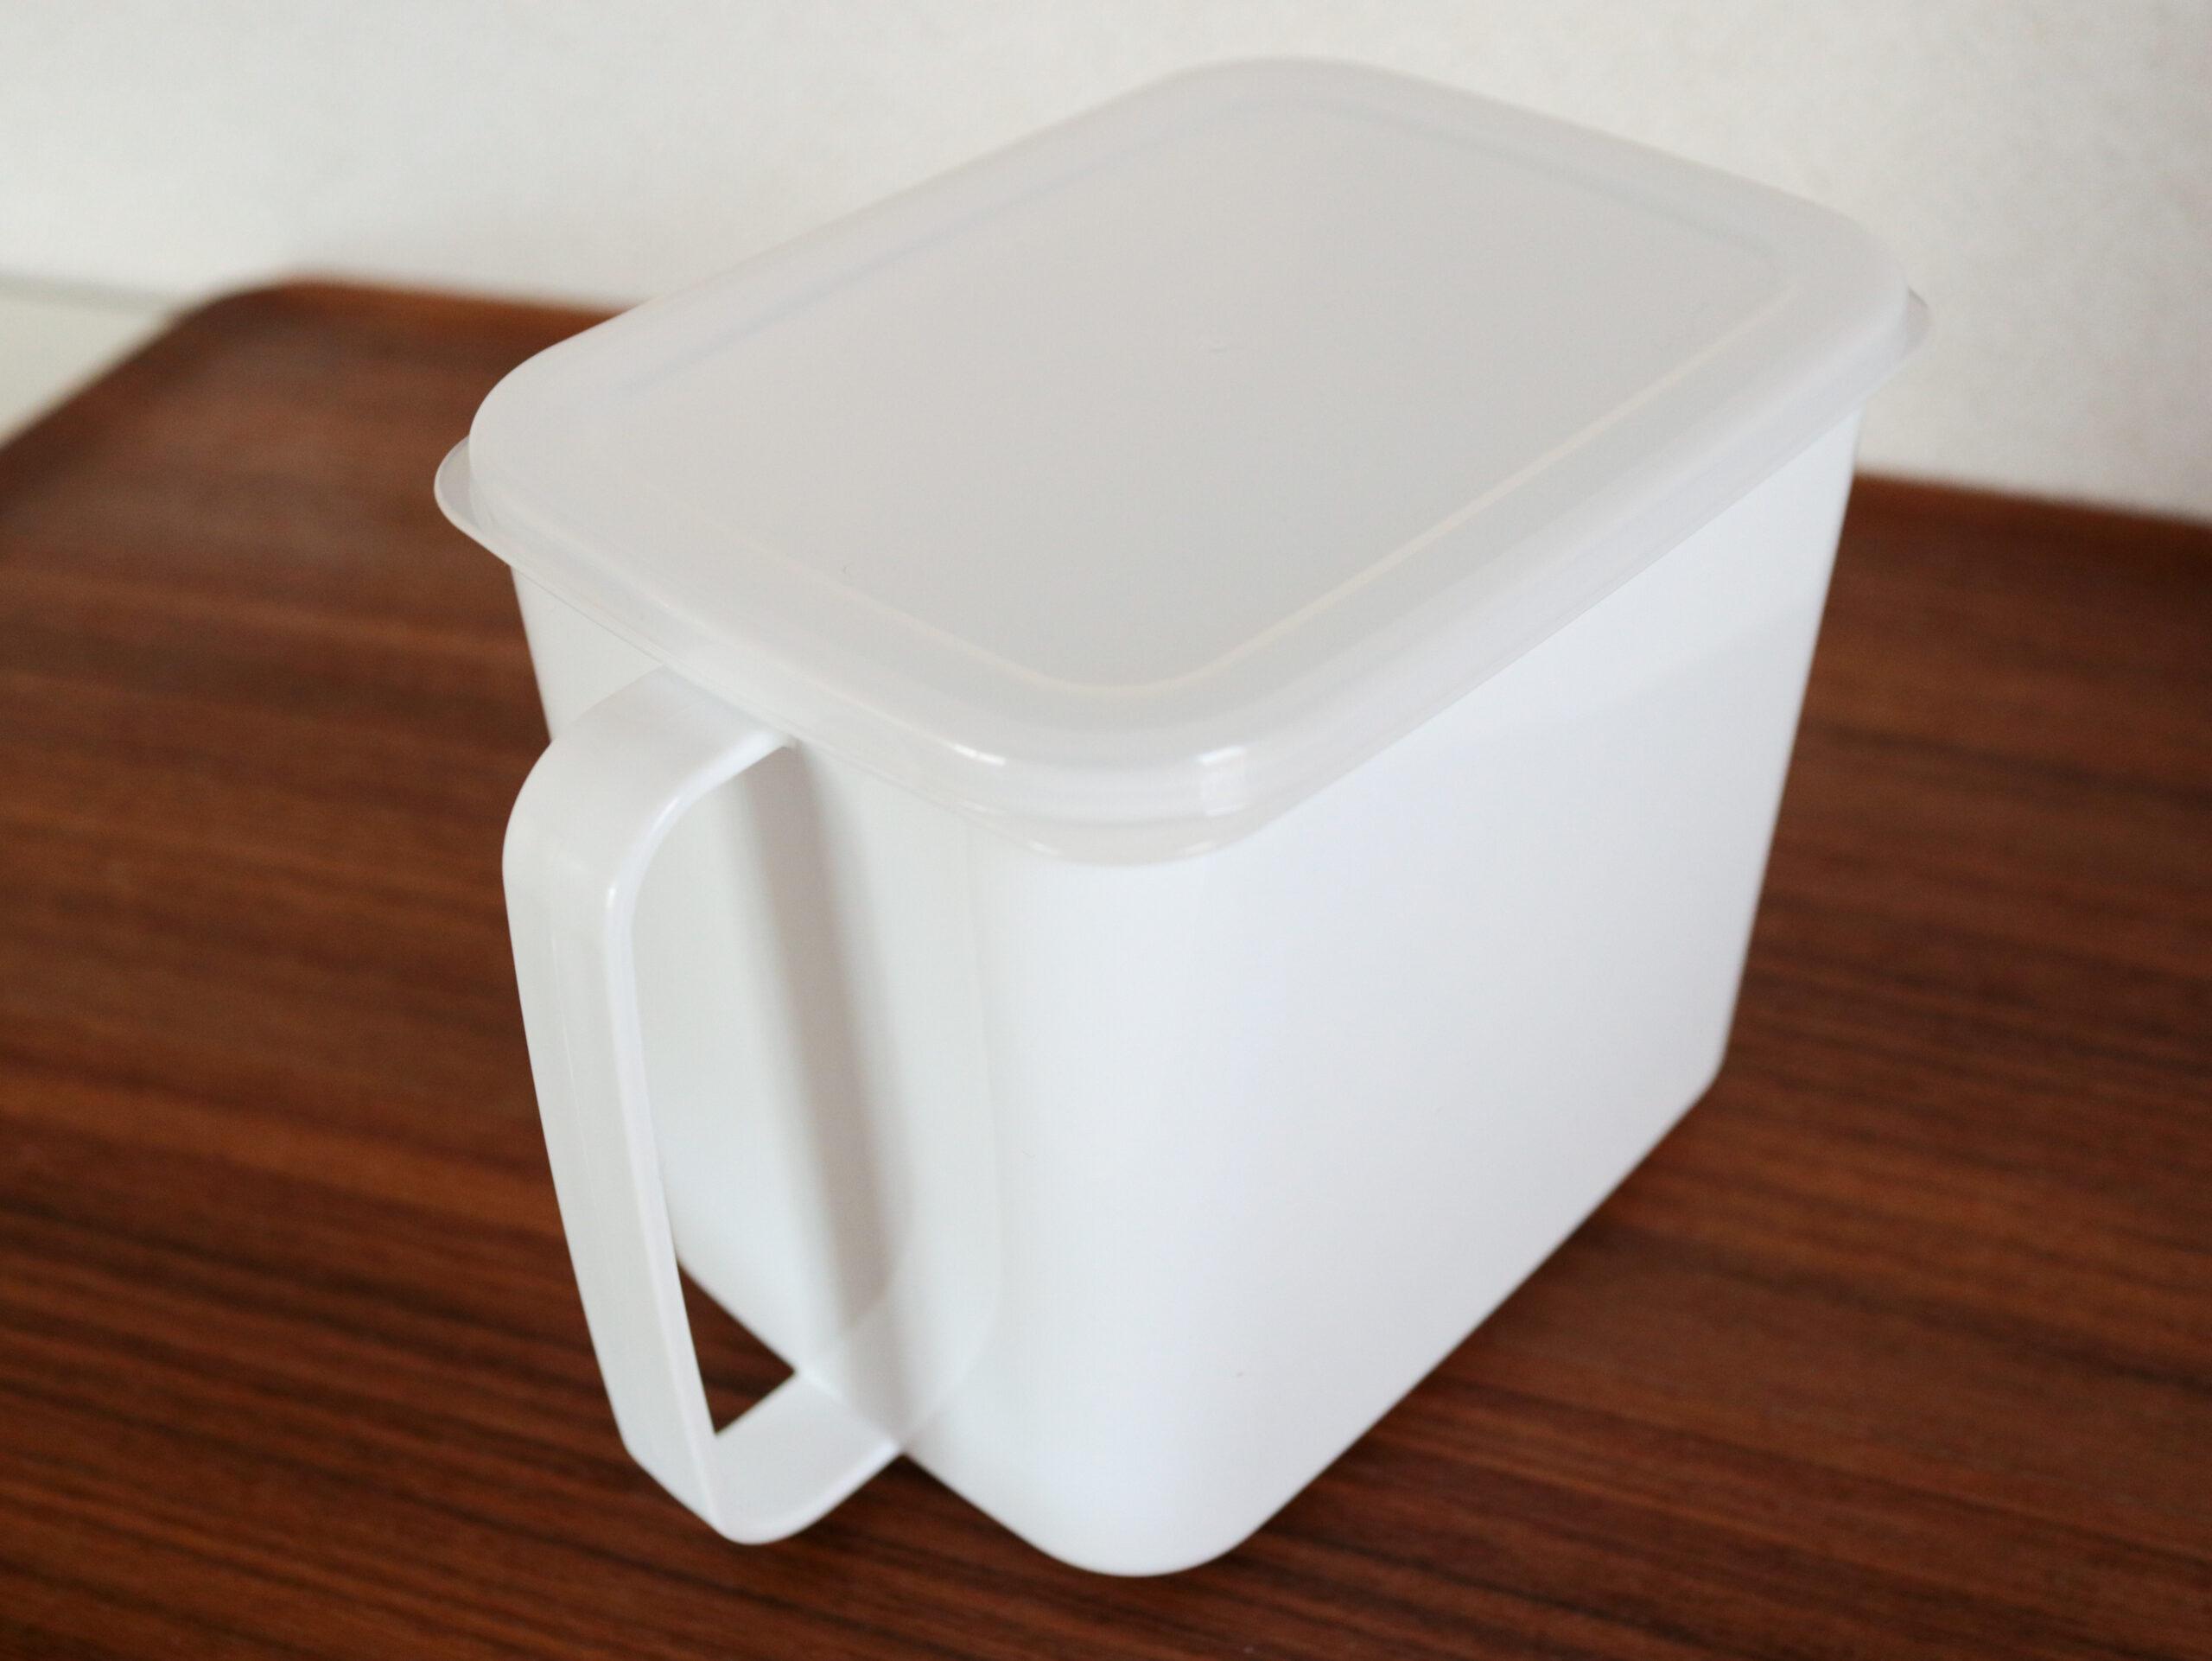 セリアの味噌ストッカーで、「1kg1,000円」基準のちょっとイイお味噌が使いやすくなりました。